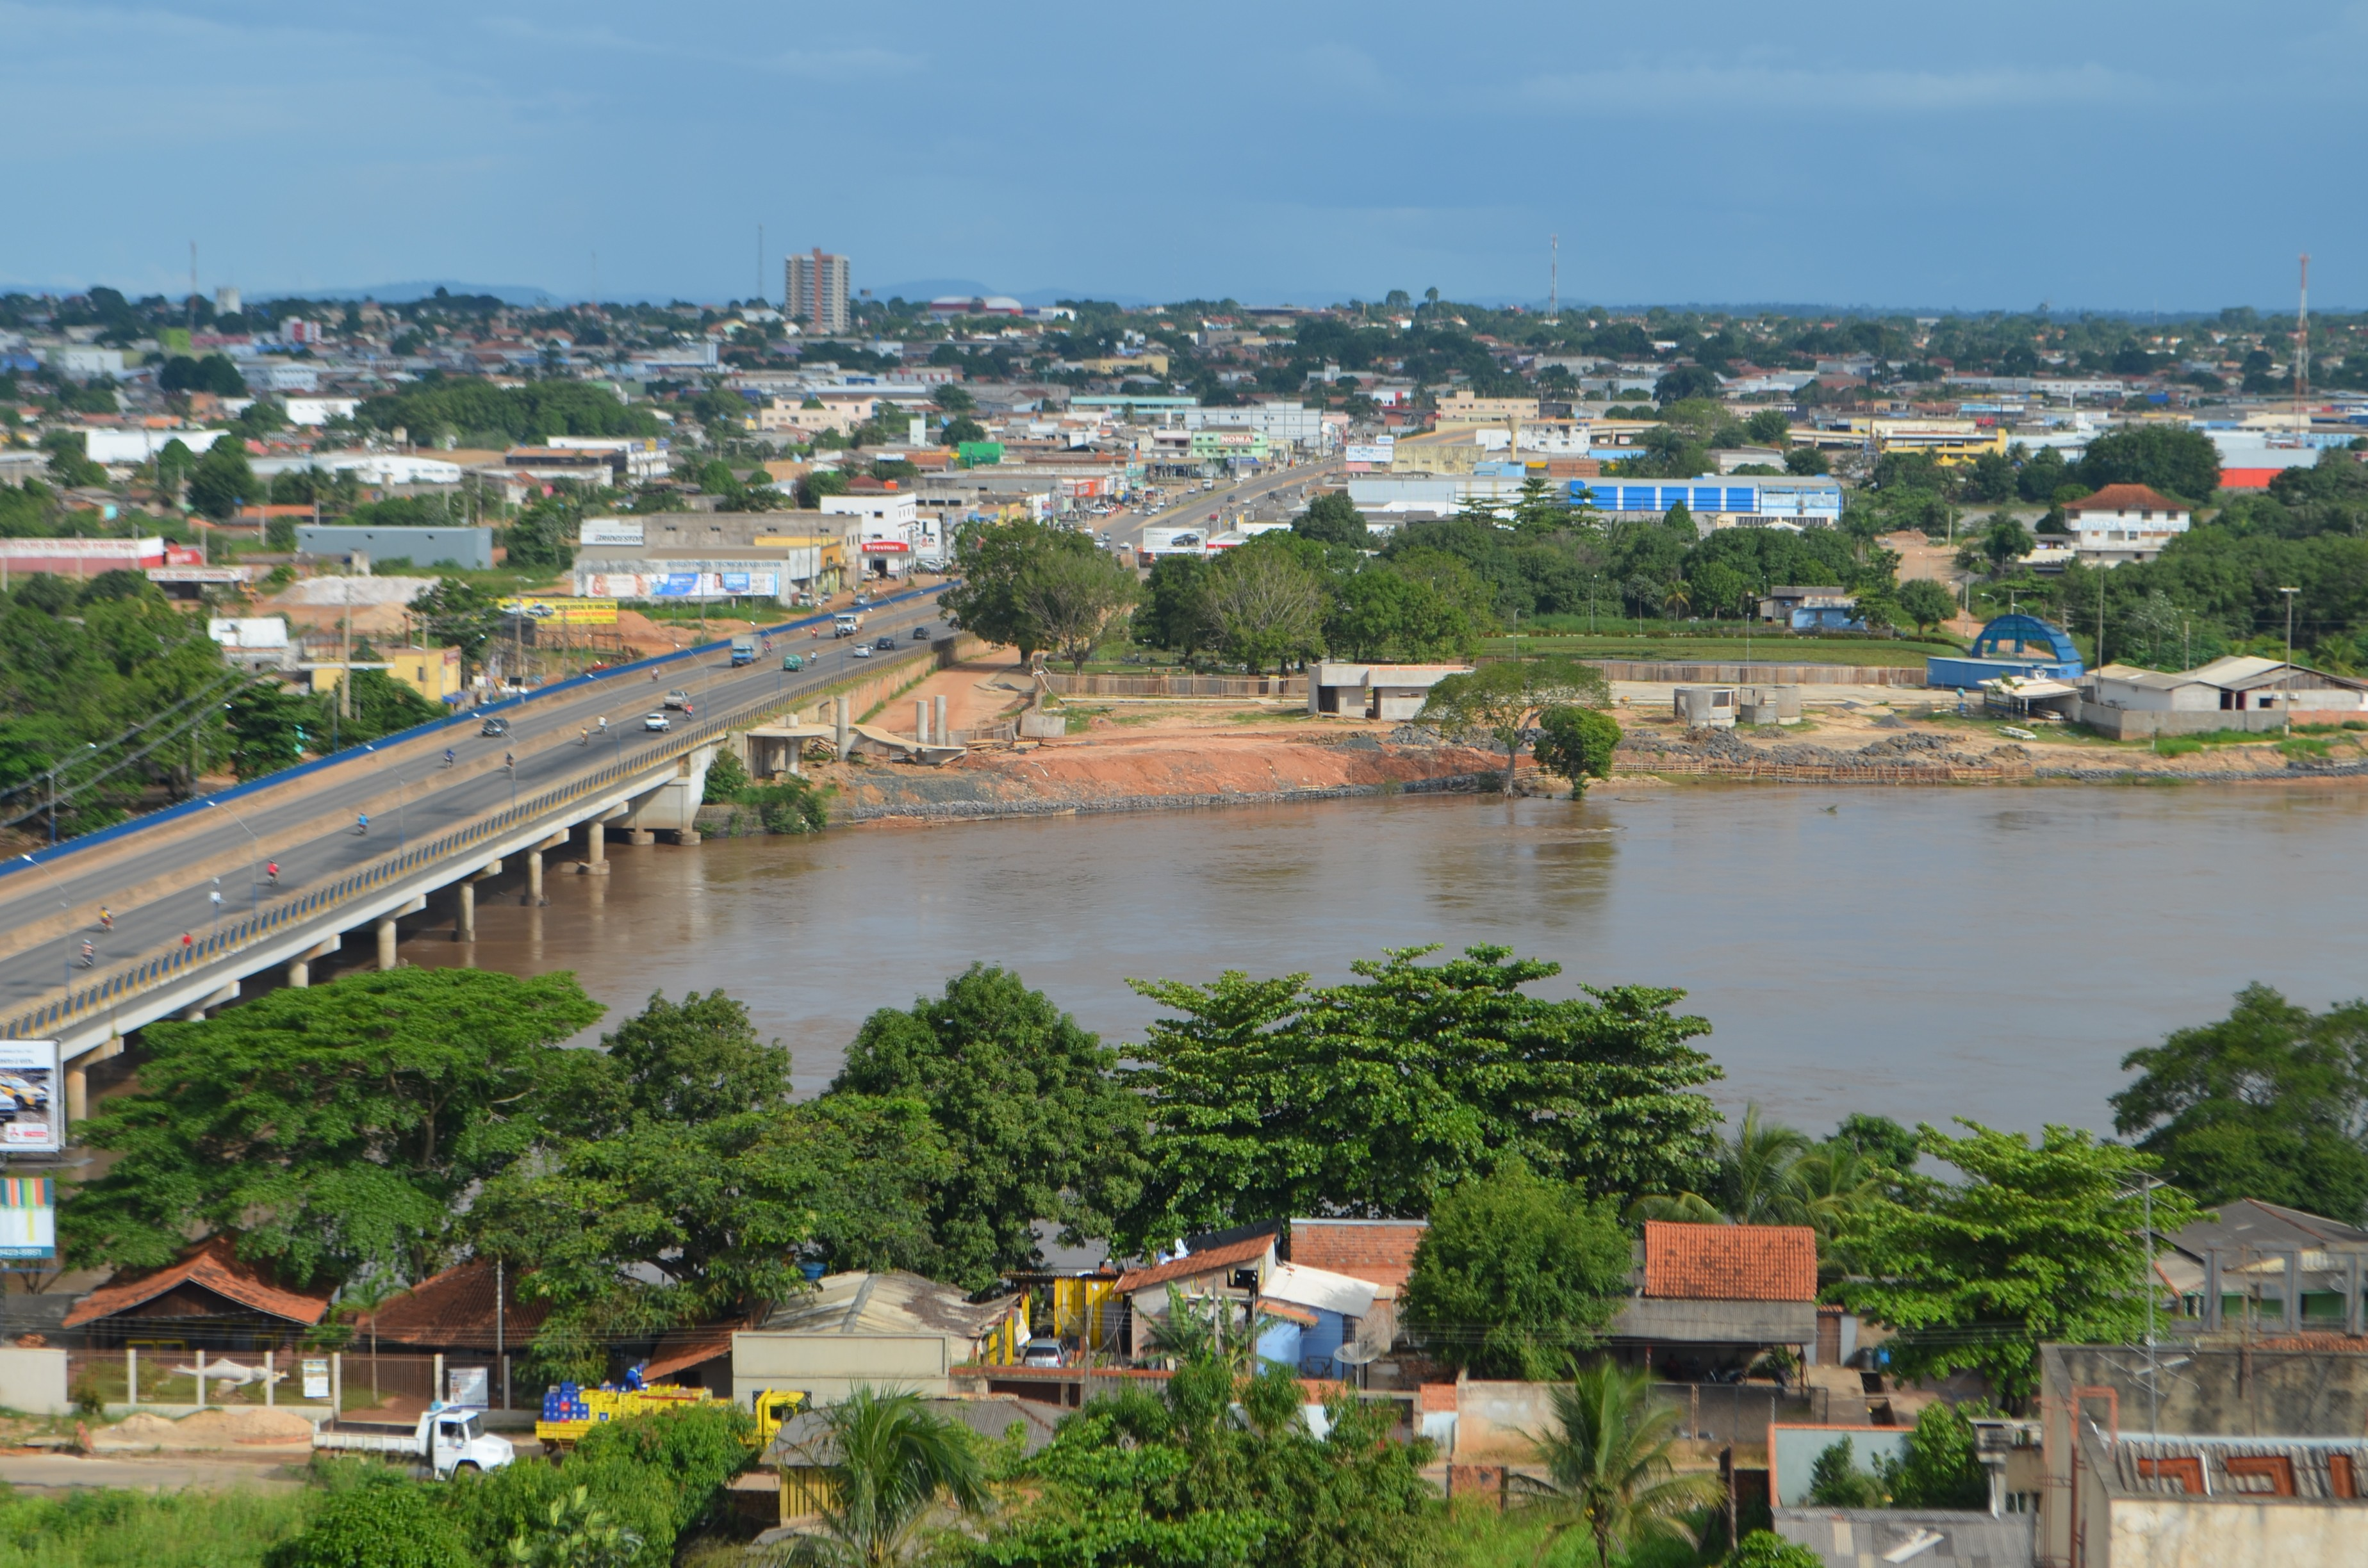 Fórum de competitividade e inovação é realizado este mês em Ji-Paraná, RO - Notícias - Plantão Diário